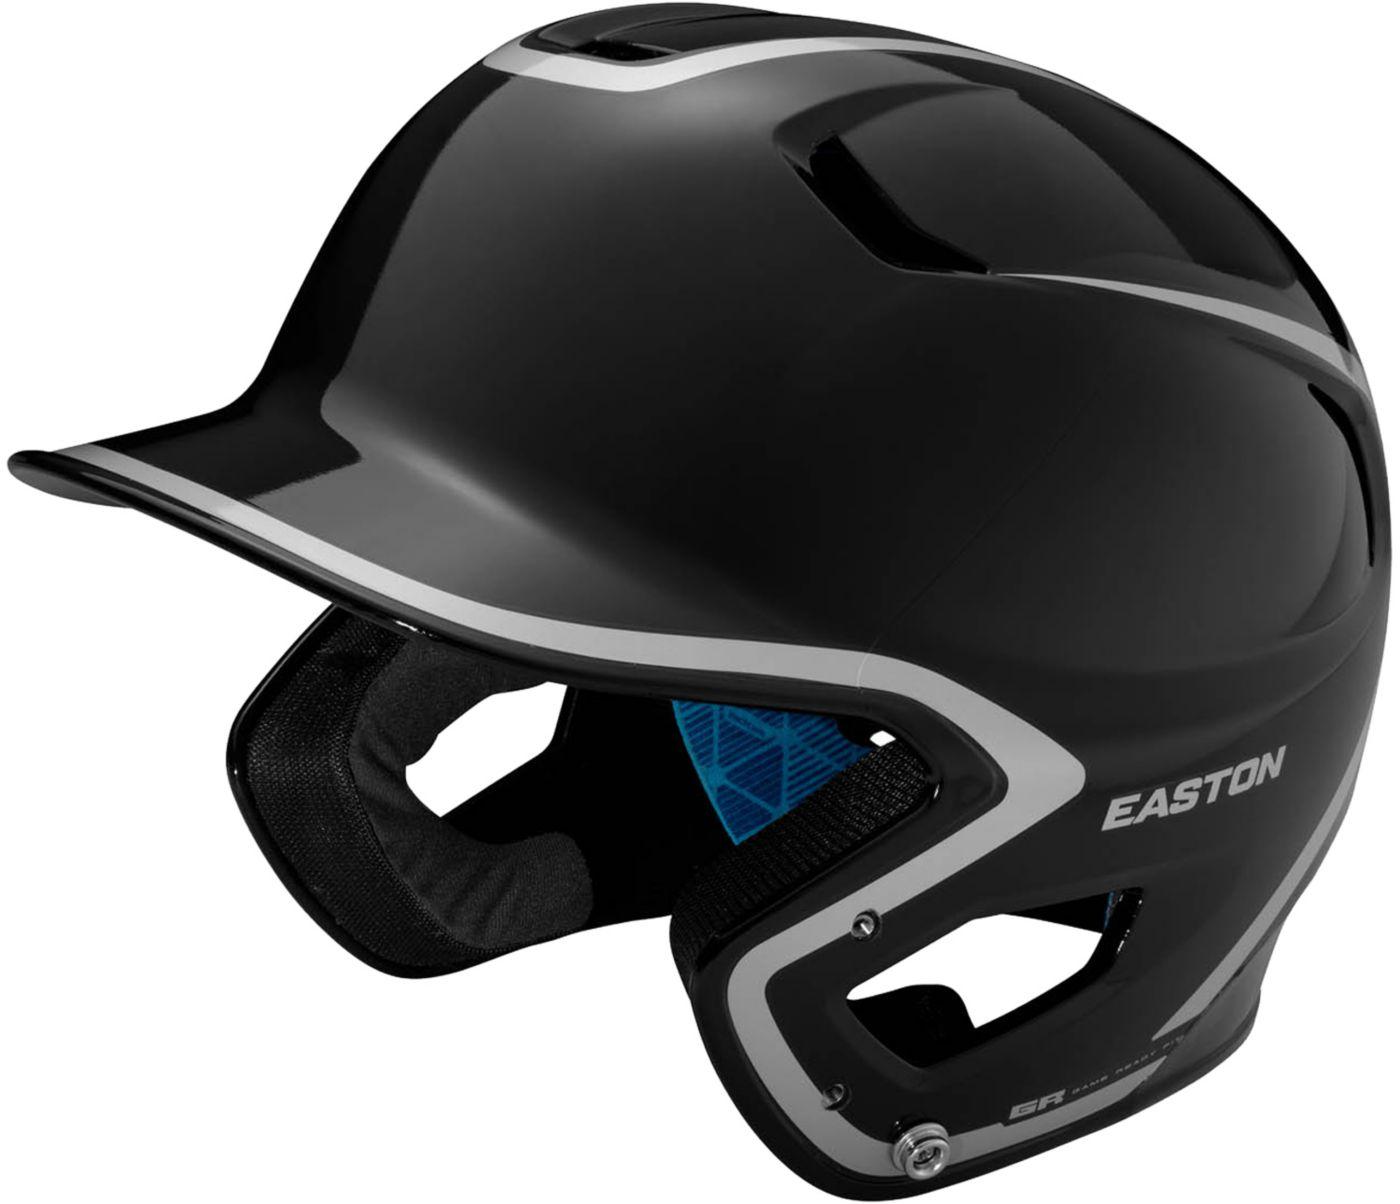 Easton Junior Z5 2.0 High-Gloss Batting Helmet